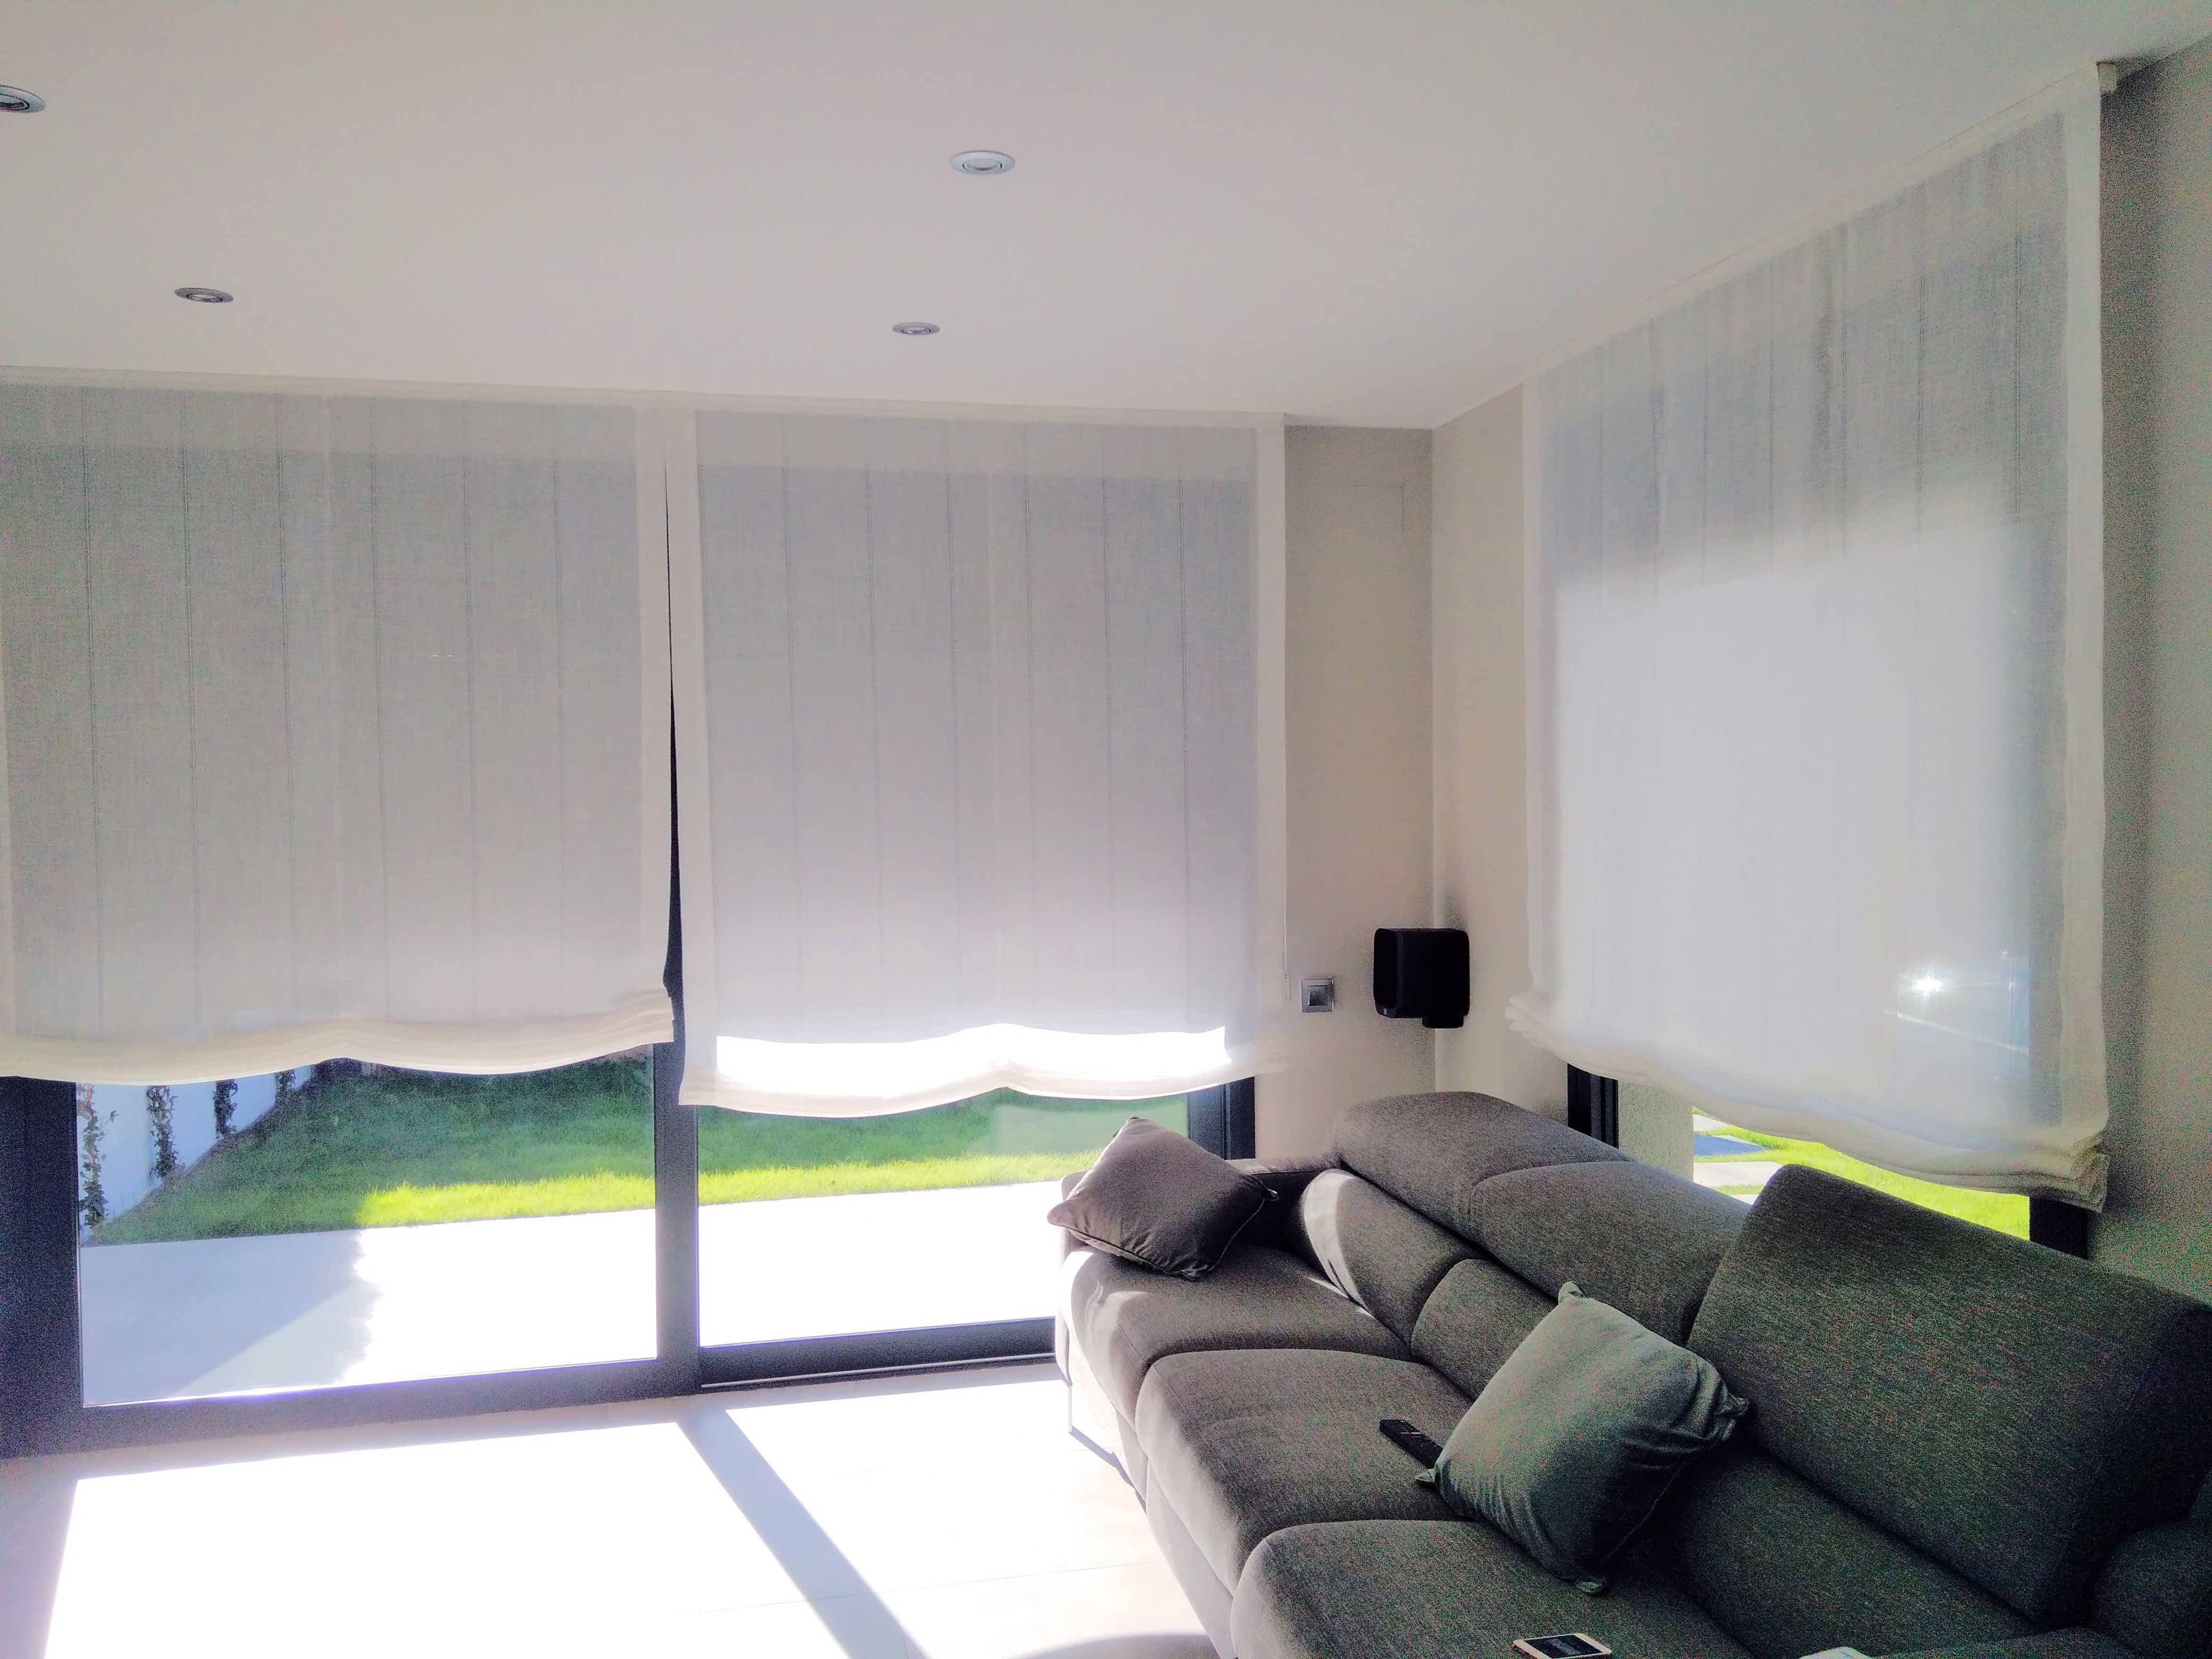 Estores cortinas tecnicas cortitecnic - Estor con cortina ...